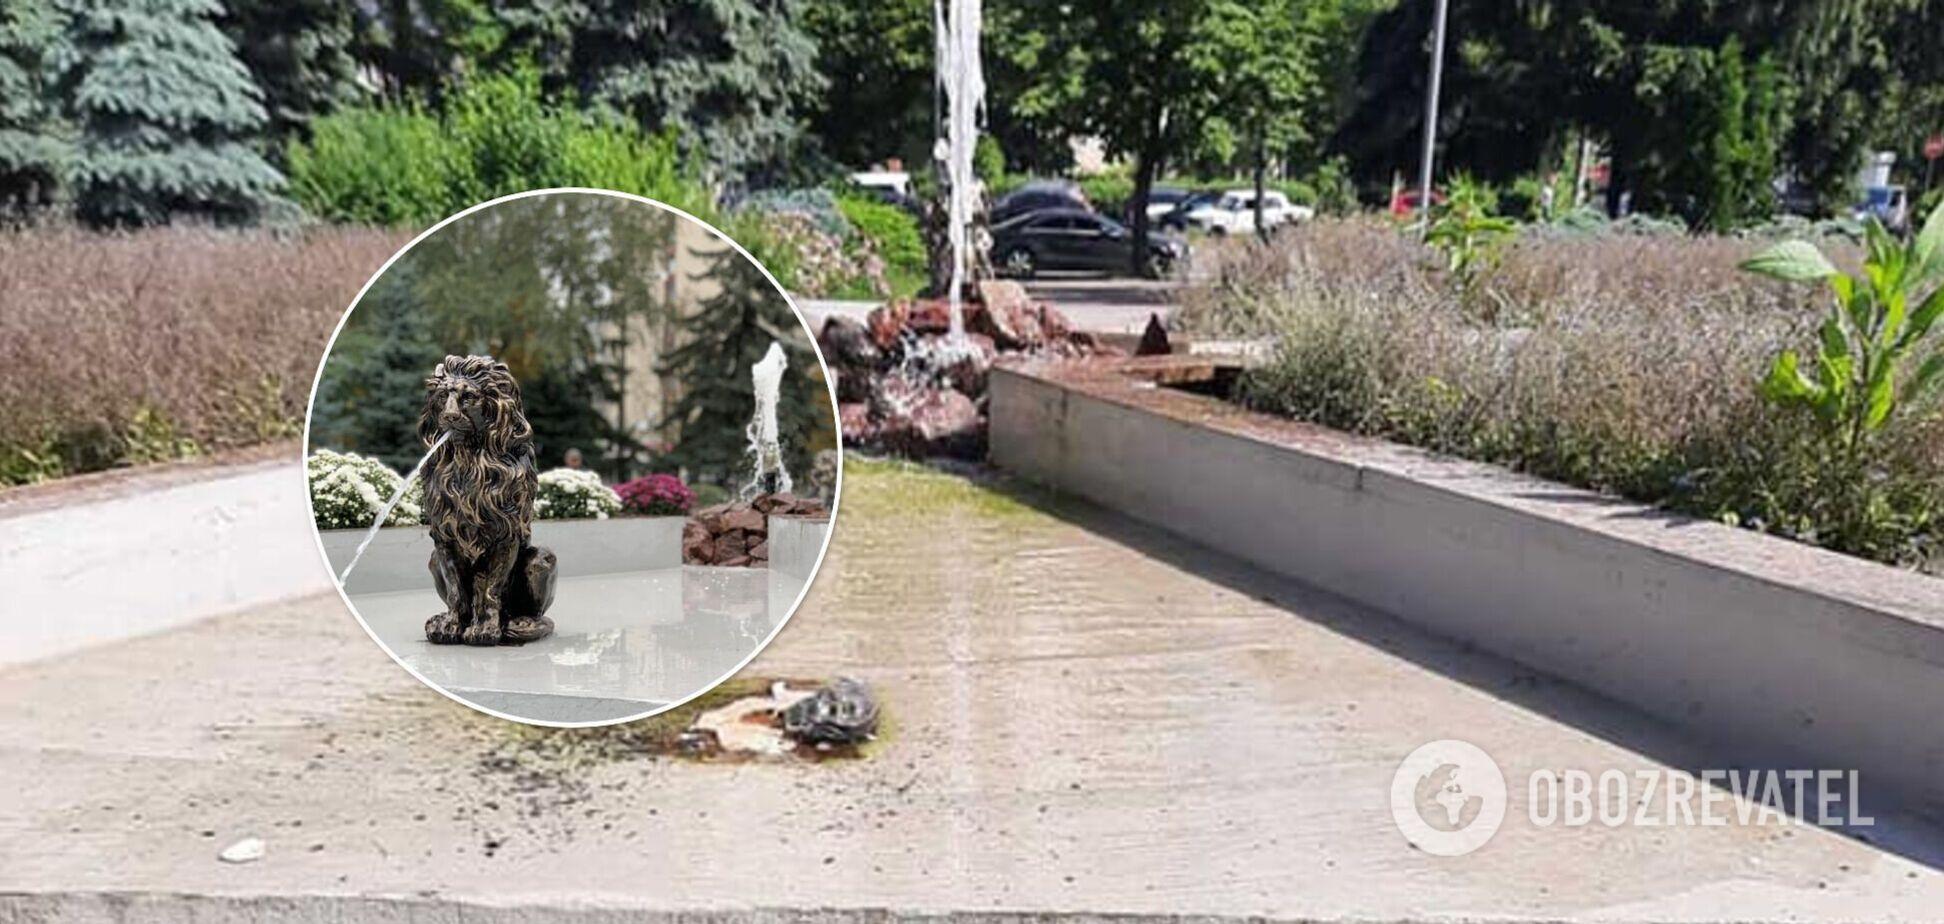 У Києві невідомі викрали скульптури левів із фонтана в новому сквері. Фото